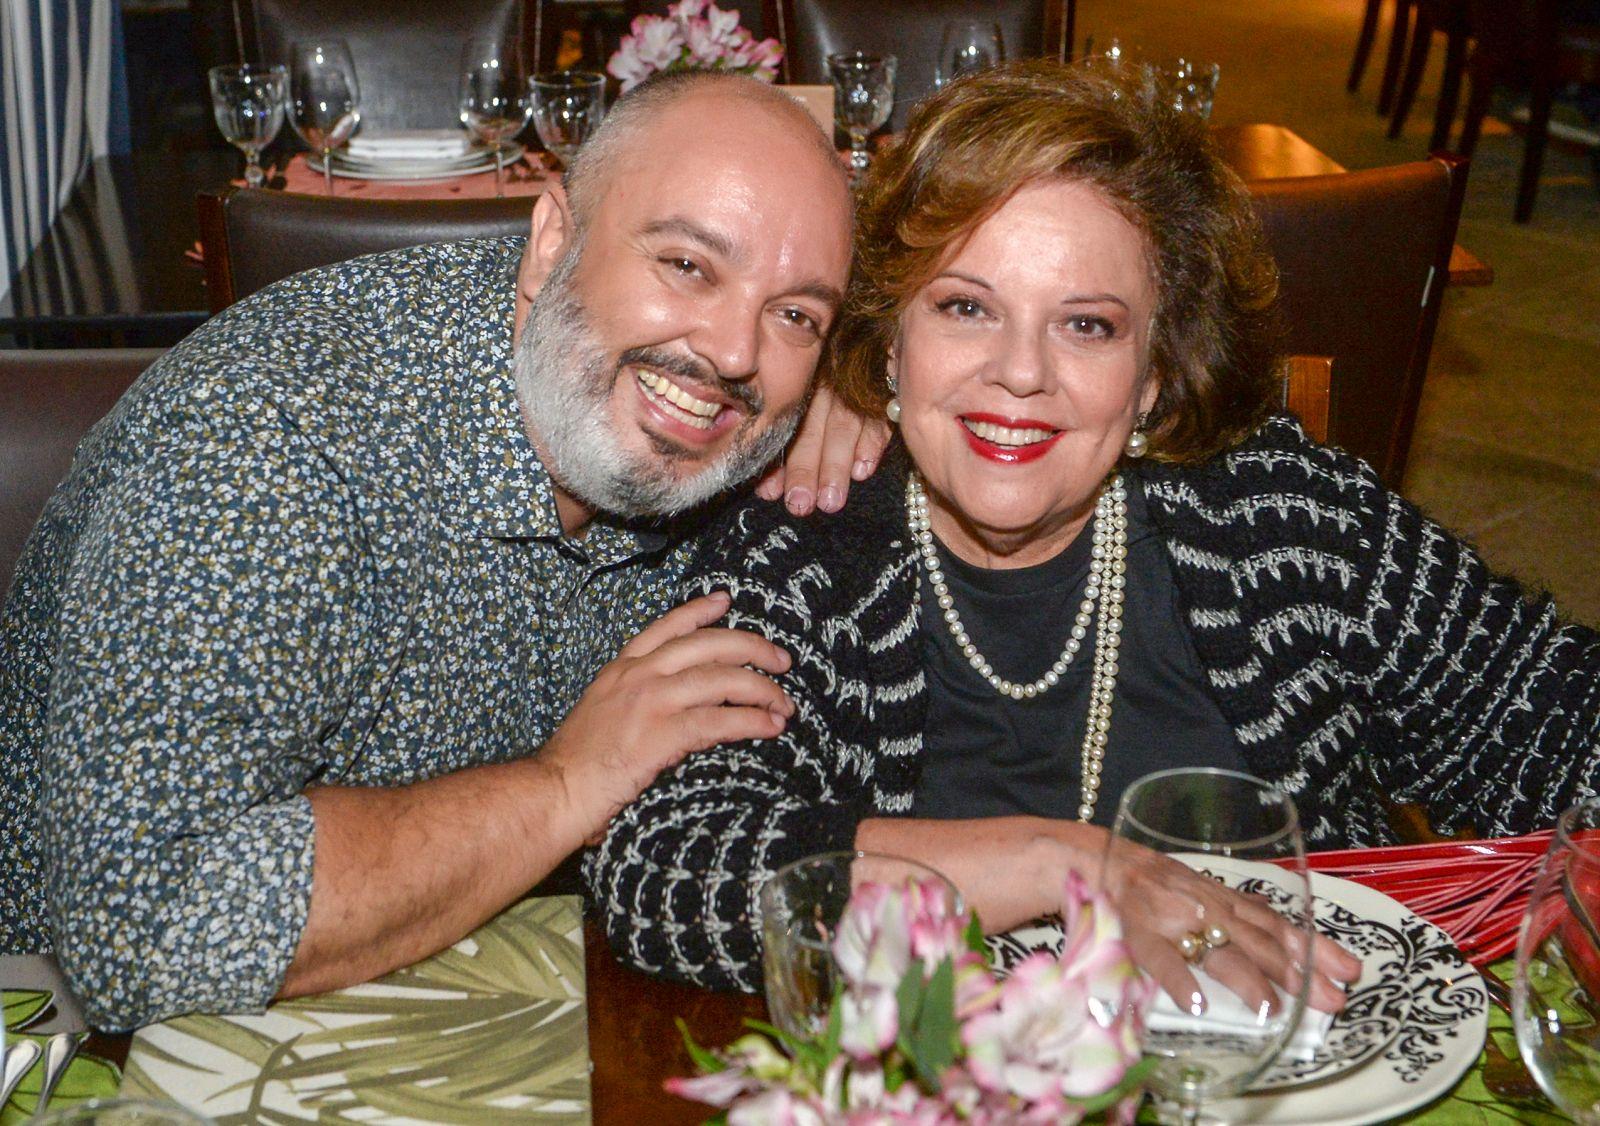 Dois colunistas sociais em destaque, Marcelo Bartolomei da Caras e Janete Freitas da Tribuna da Bahia